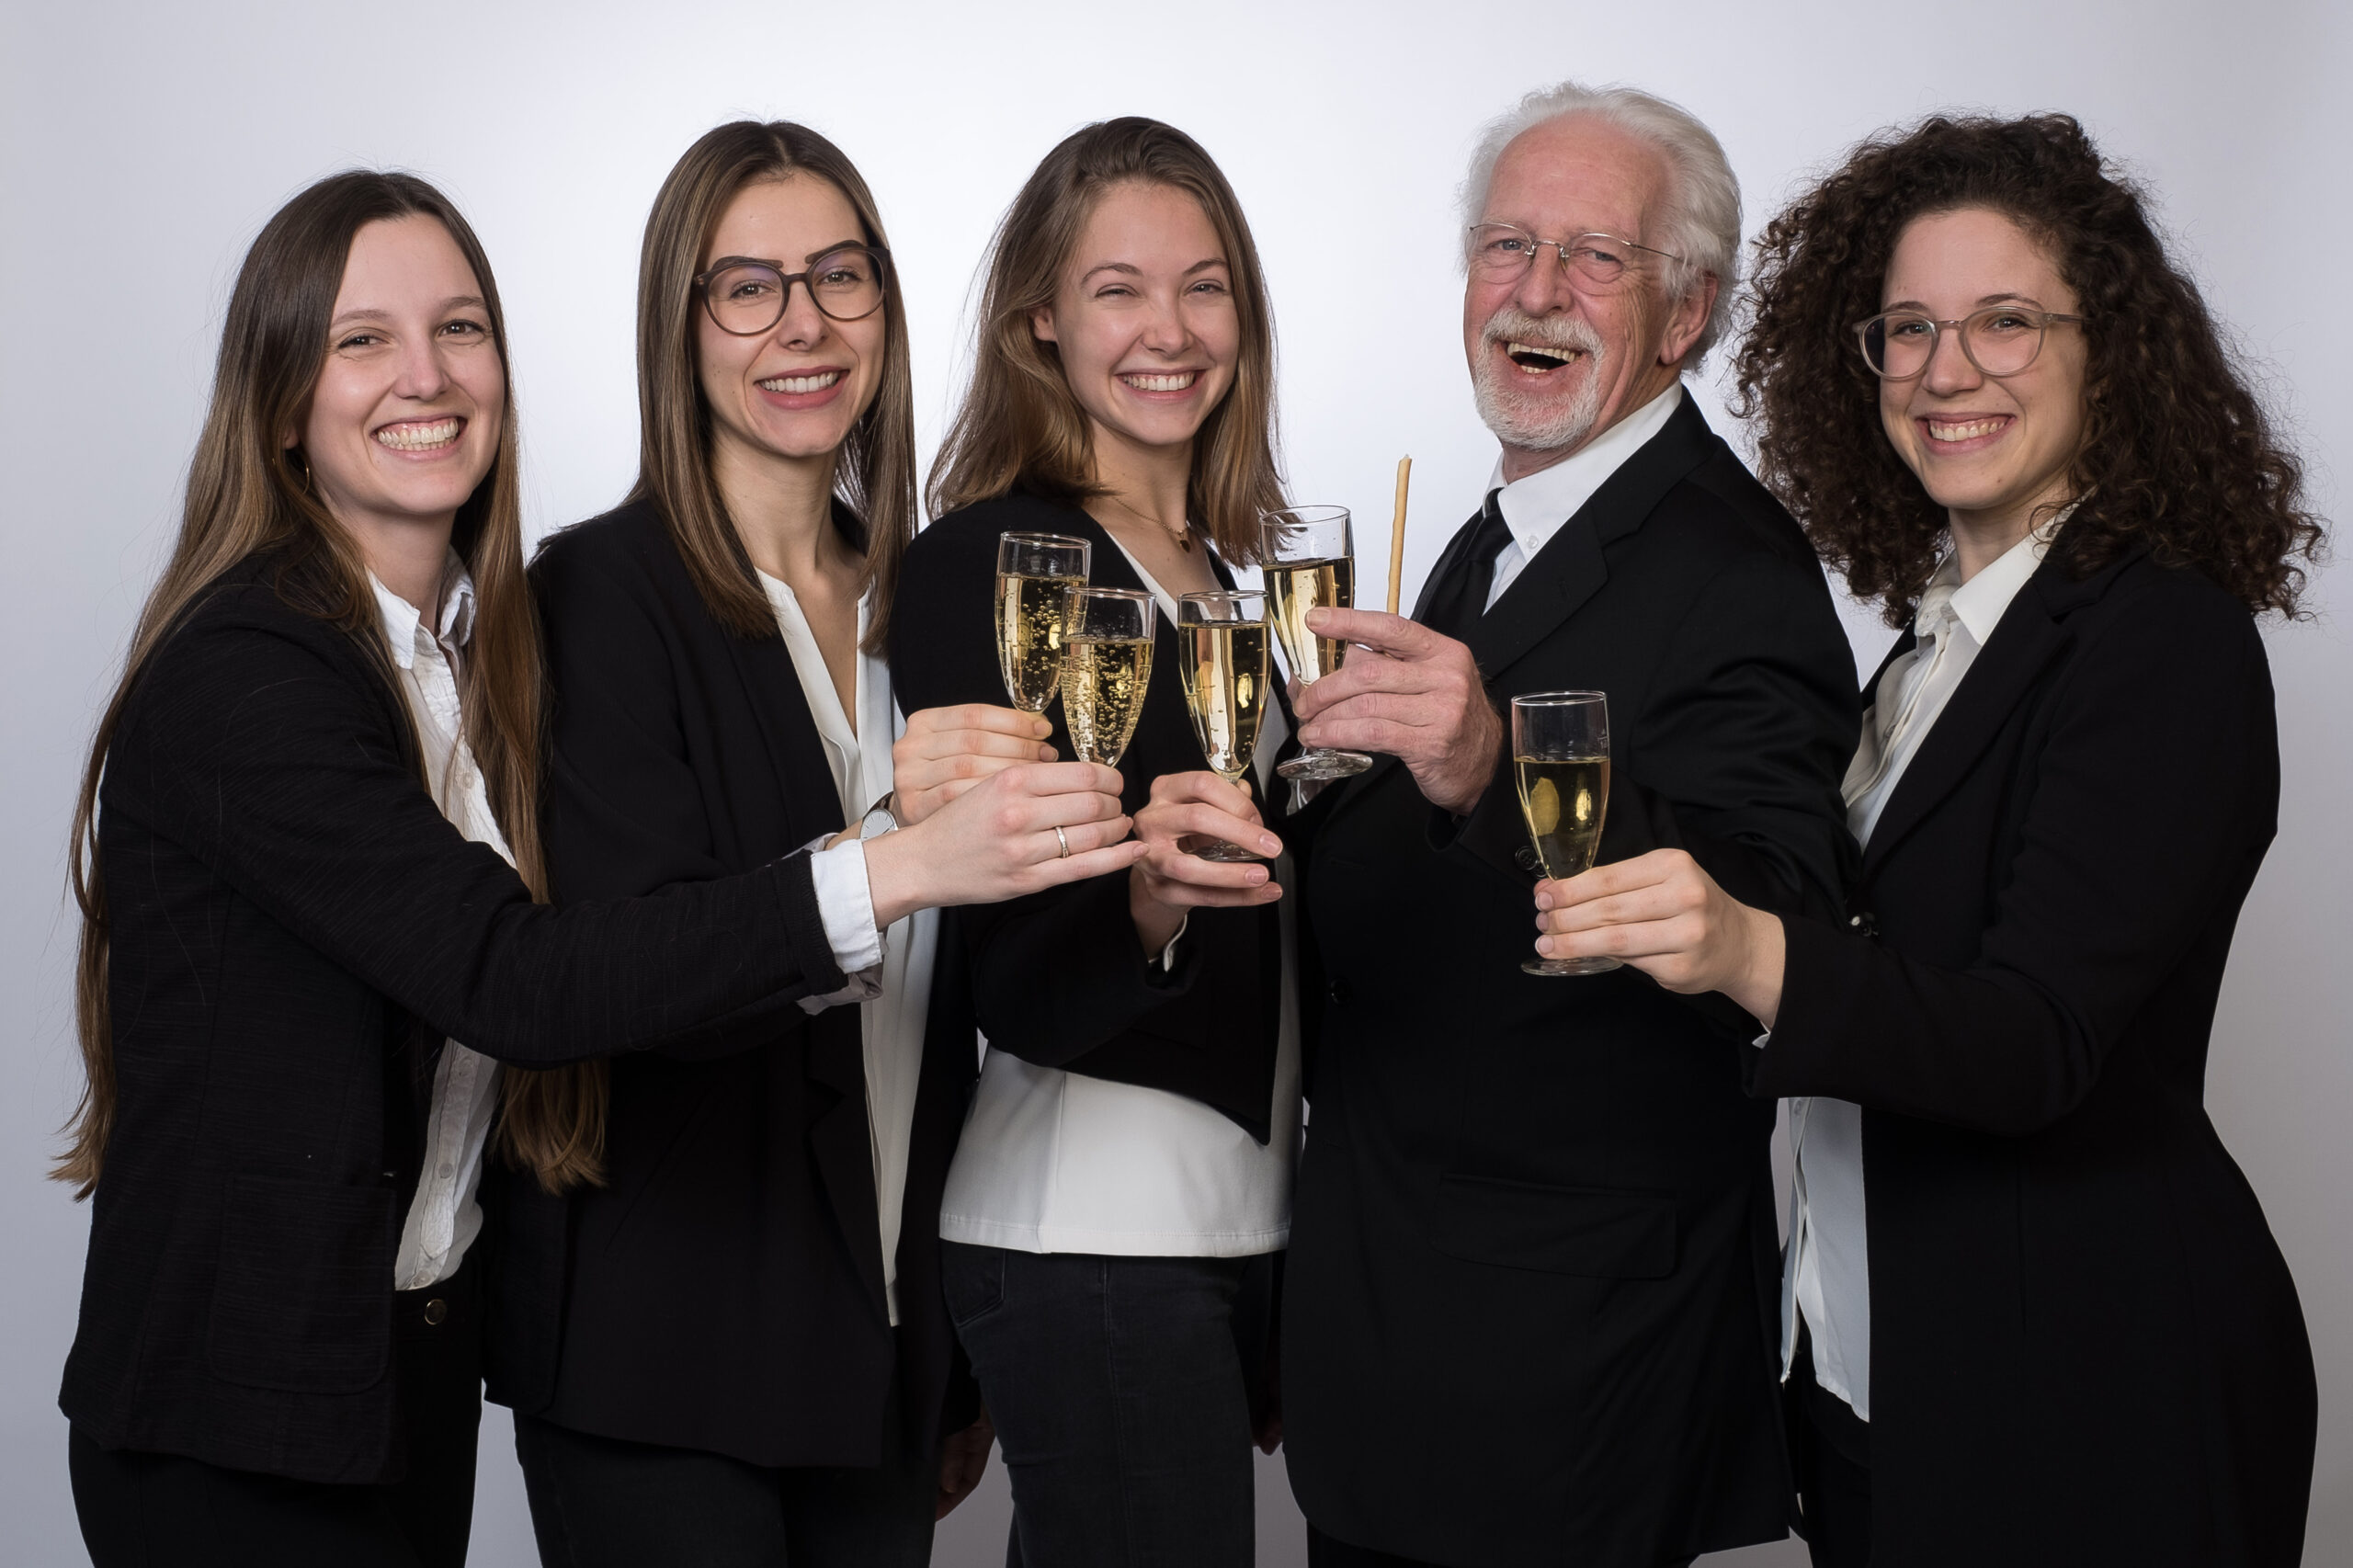 Das Eckert-Team wünscht Ihnen einen guten Rutsch ins neue Jahr